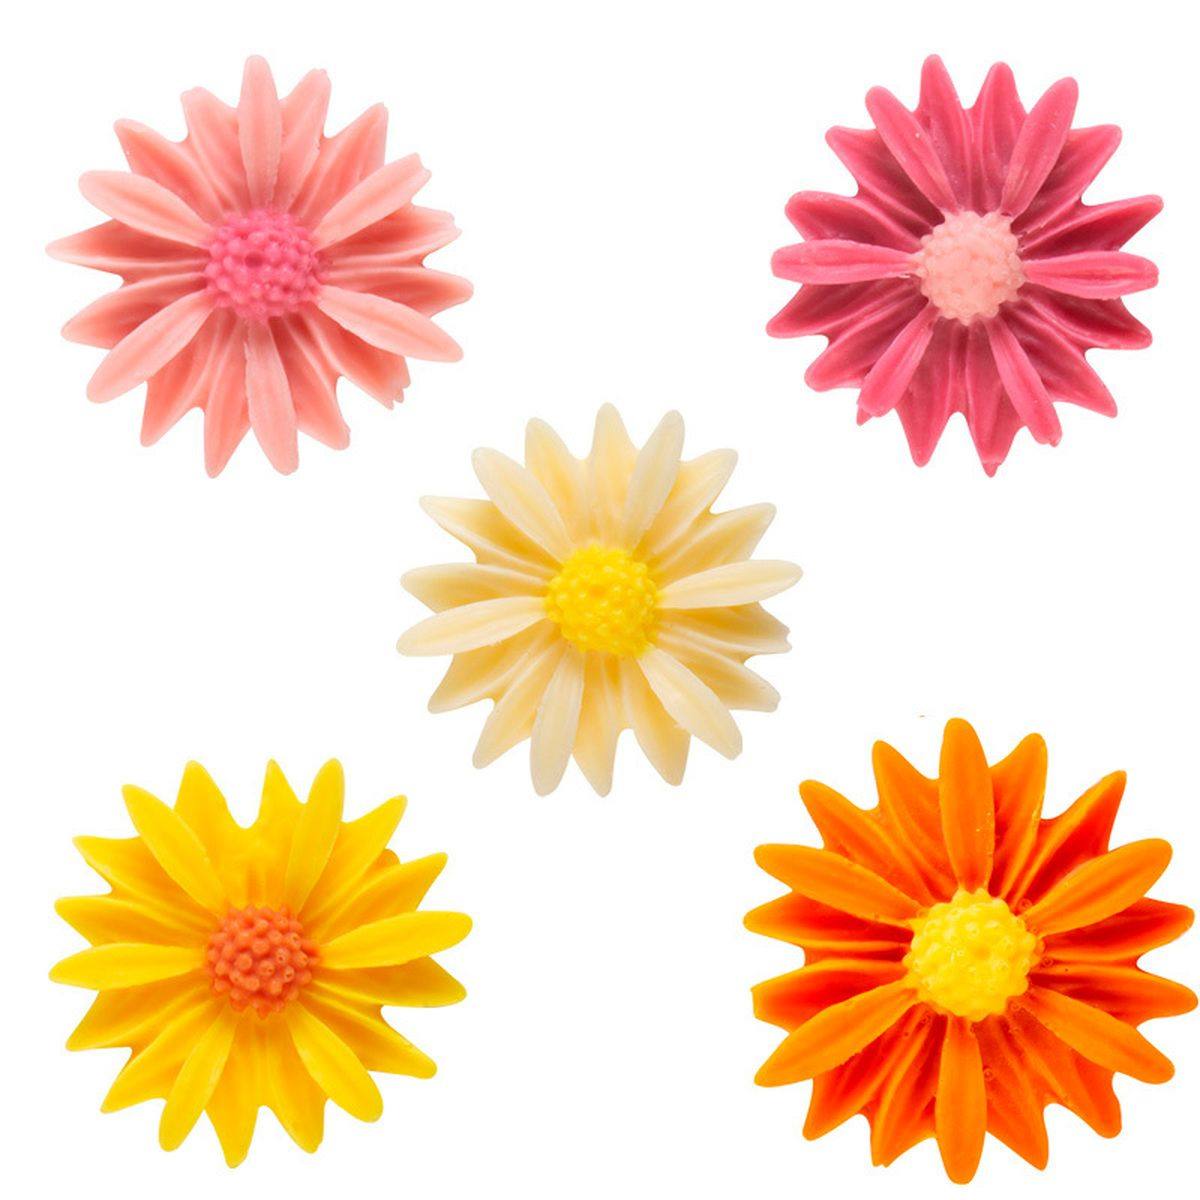 Décor en chocolat : 8 fleurs roses, jaunes et oranges 2.5 cm